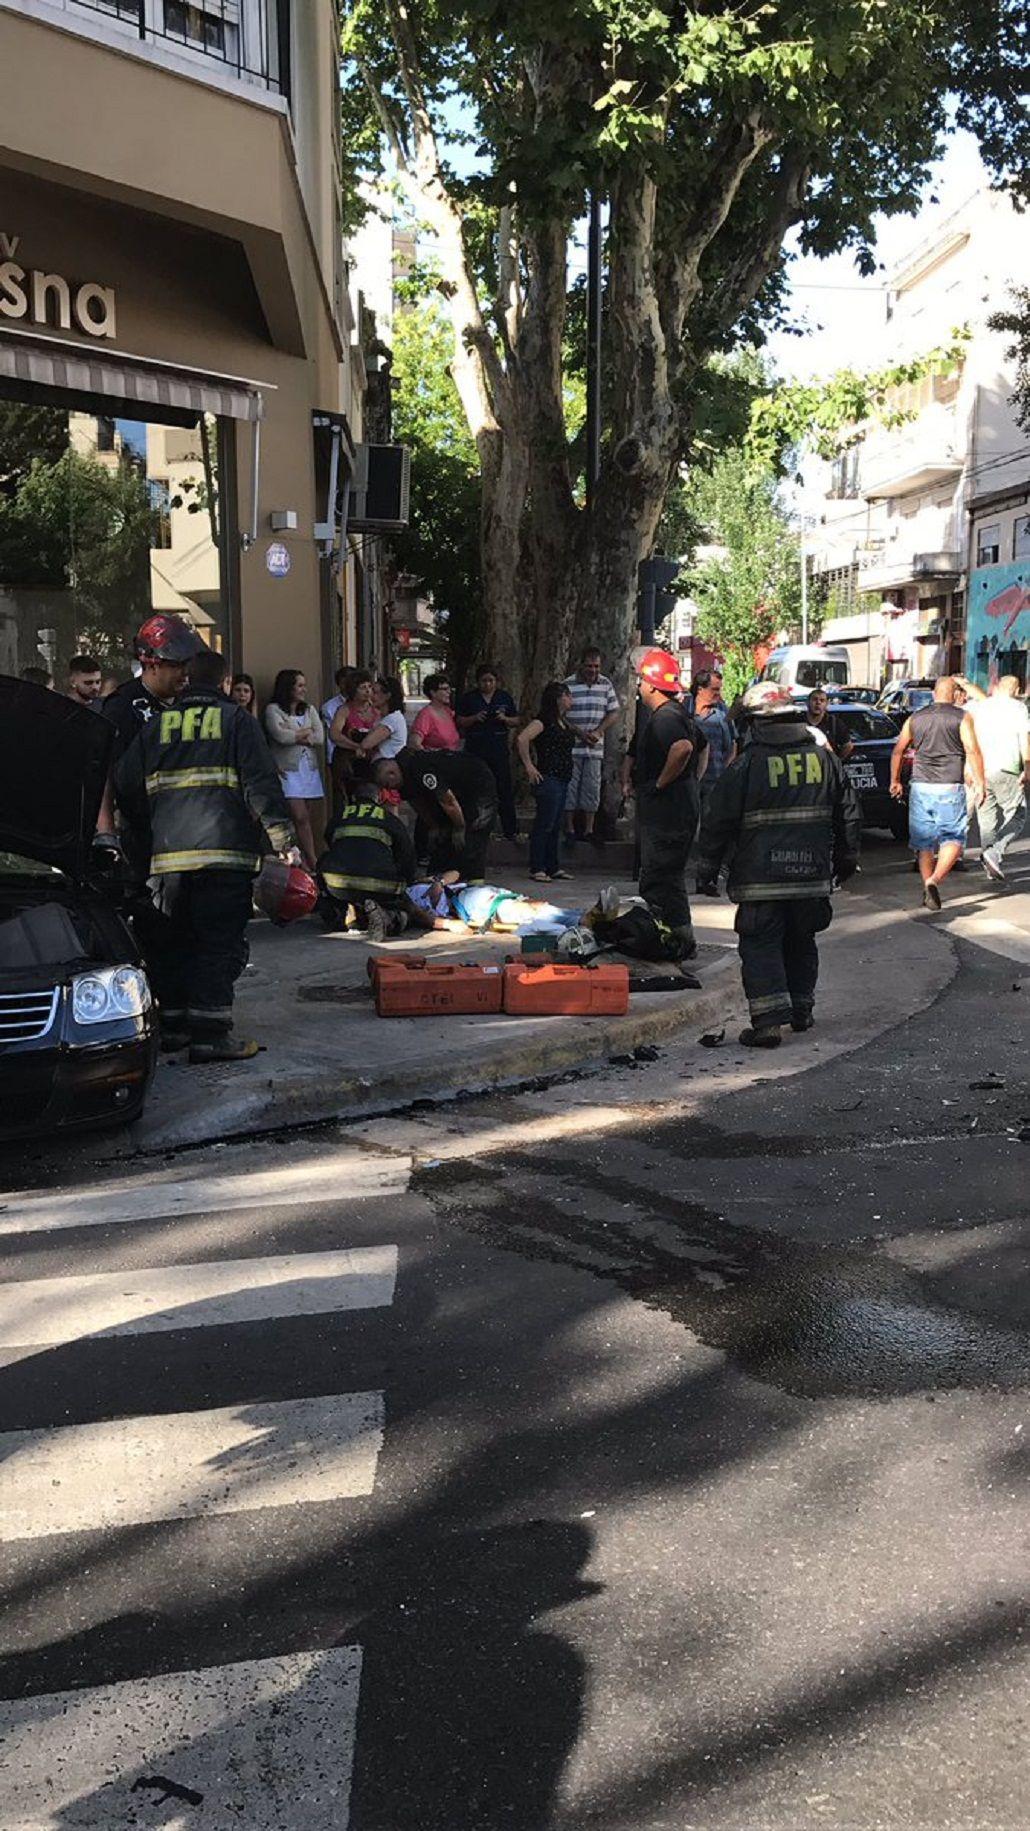 Choque en Palermo: hay al menos 3 heridos